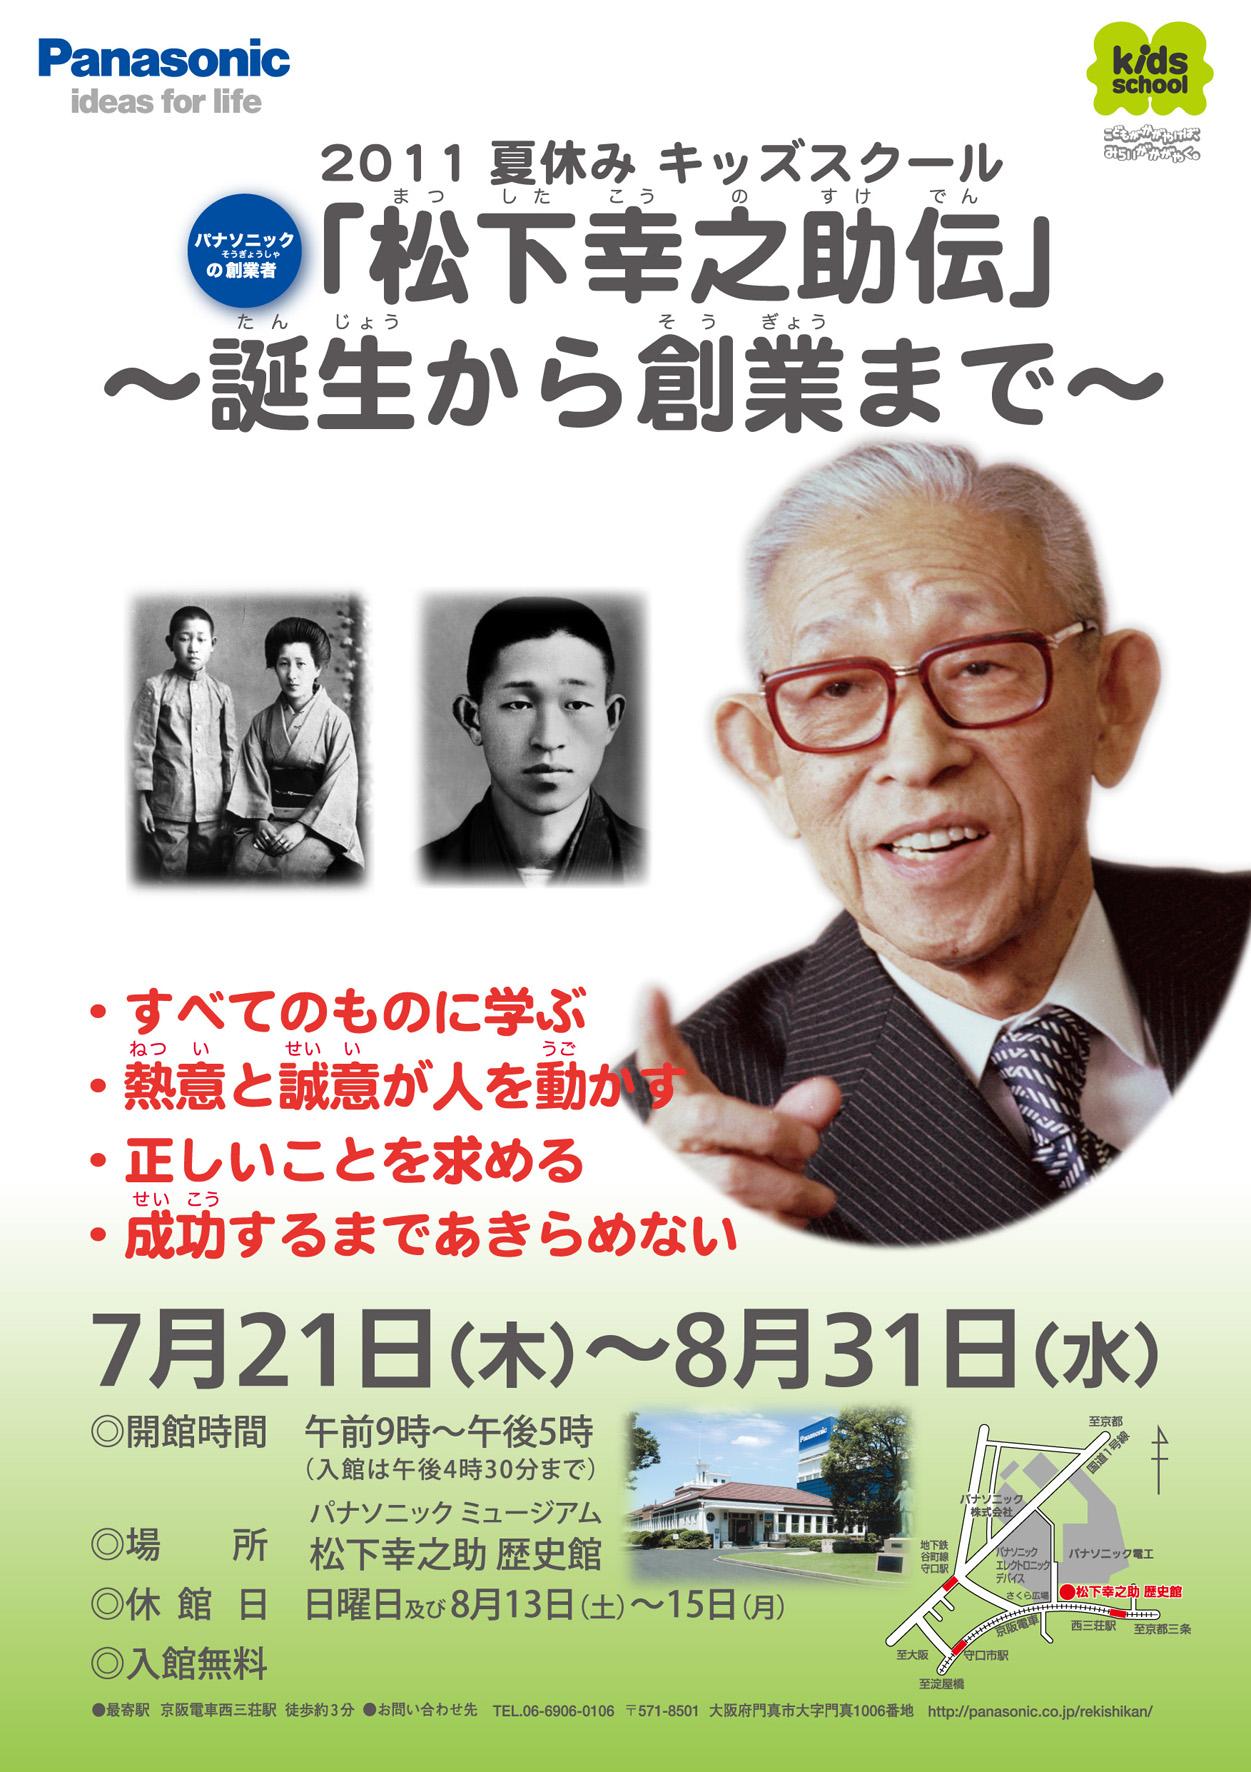 2011夏休みキッズスクール 特別展示「松下幸之助伝~誕生から創業まで~」